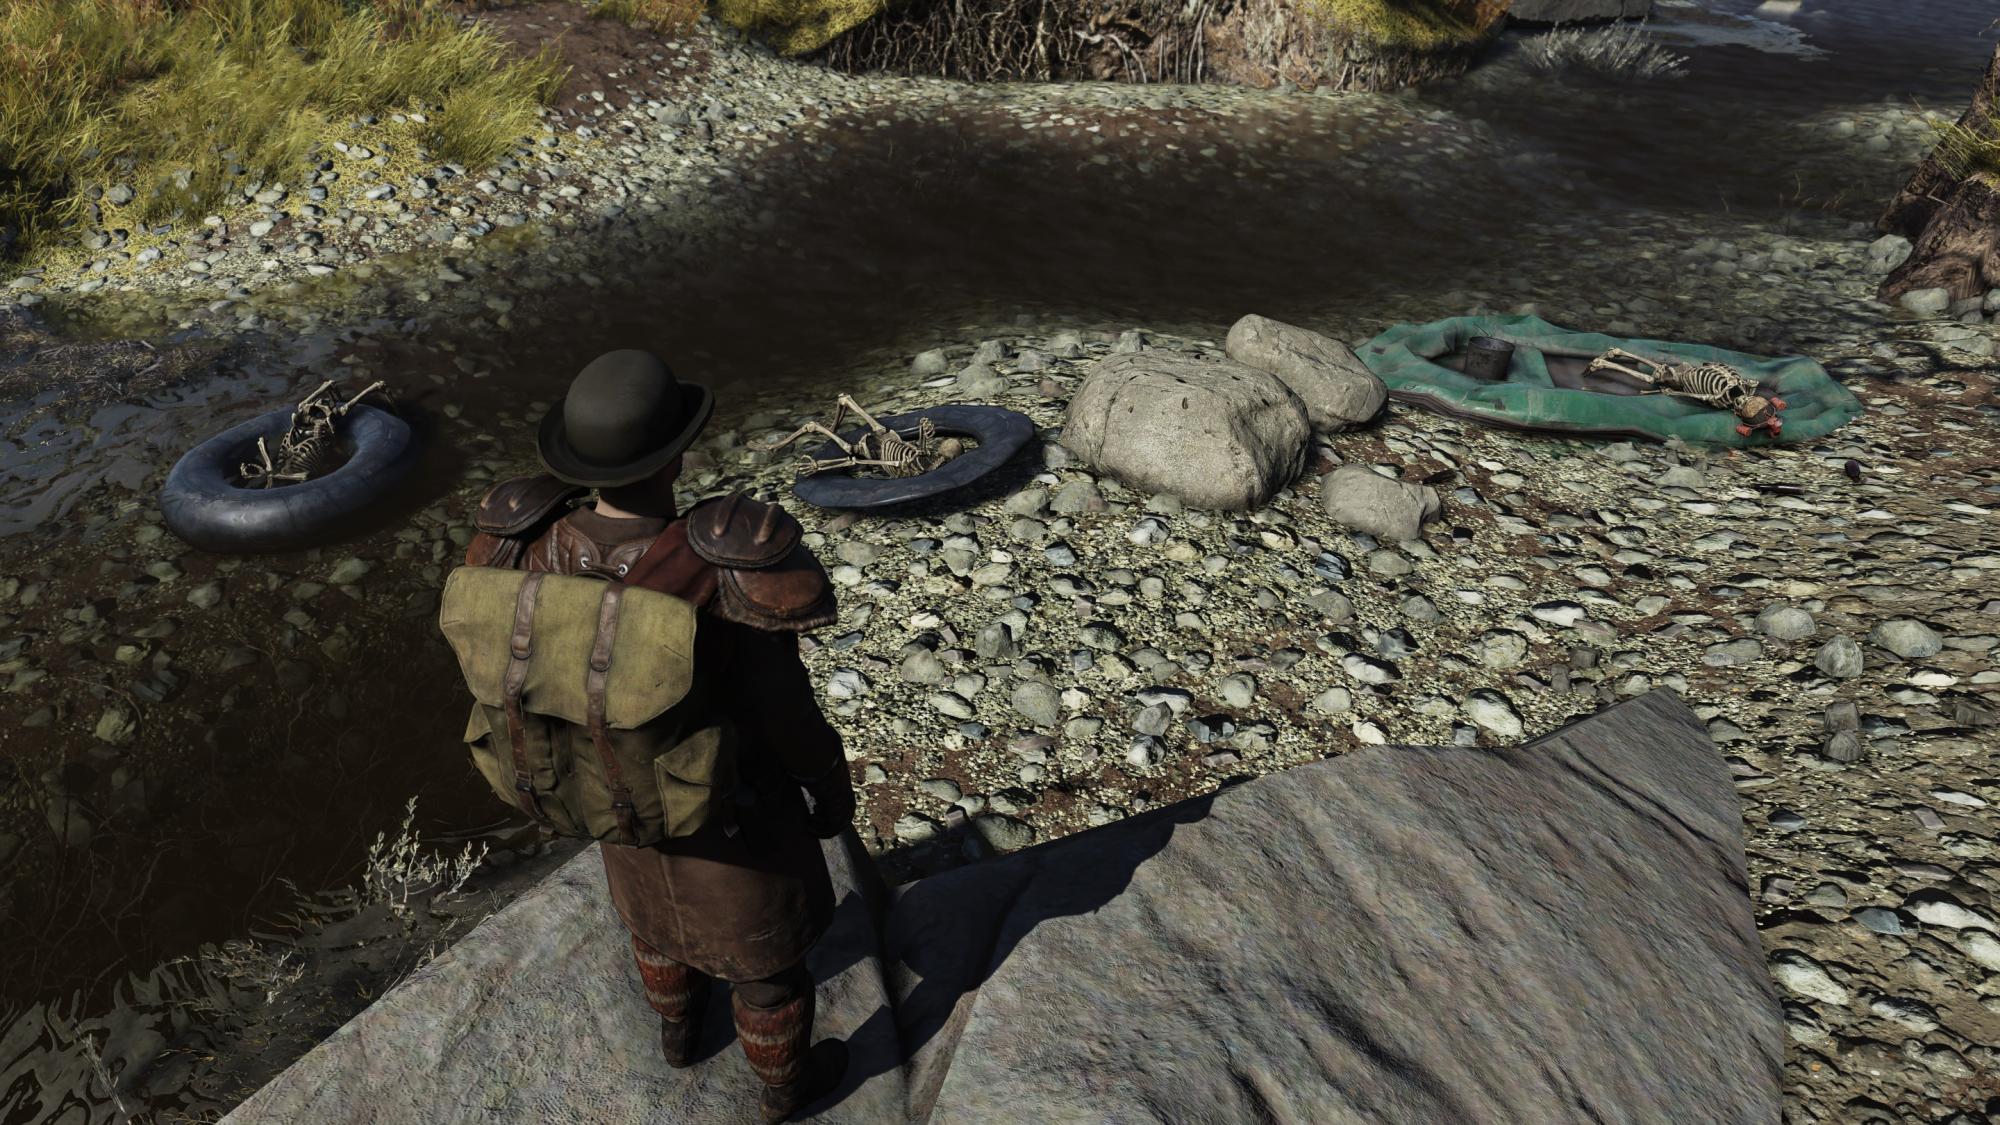 Fallout 76 Screenshot 2020.04.19 - 21.23.58.57.png